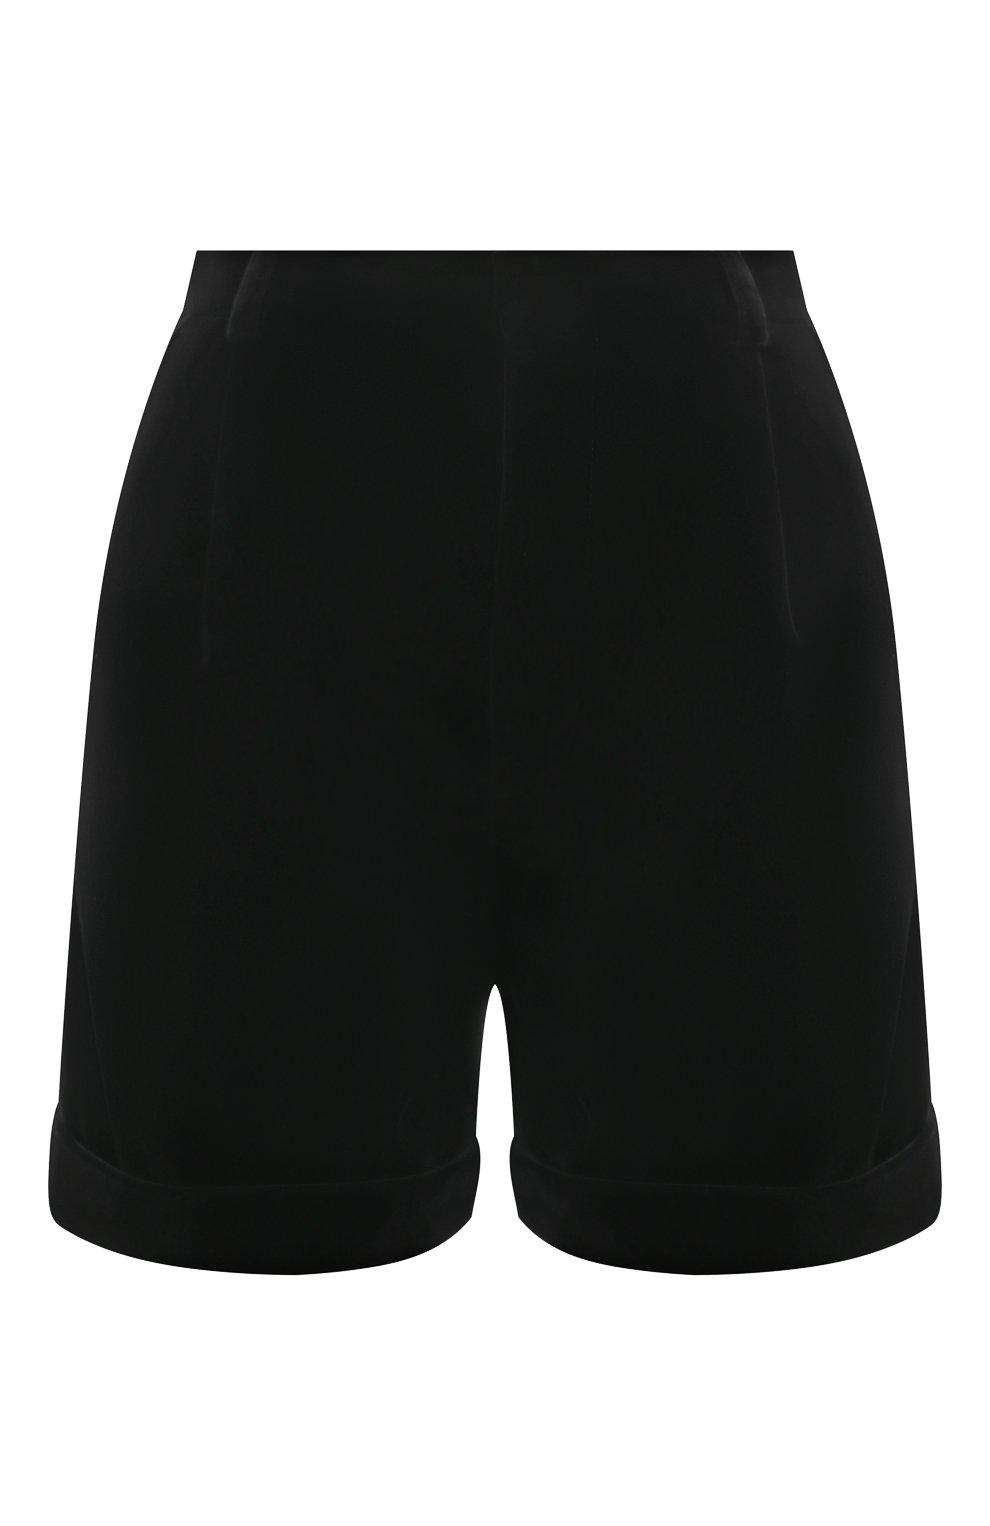 Женские хлопковые шорты SAINT LAURENT черного цвета, арт. 661357/Y615W | Фото 1 (Женское Кросс-КТ: Шорты-одежда; Стили: Гламурный; Длина Ж (юбки, платья, шорты): Мини; Материал внешний: Хлопок; Материал подклада: Шелк)